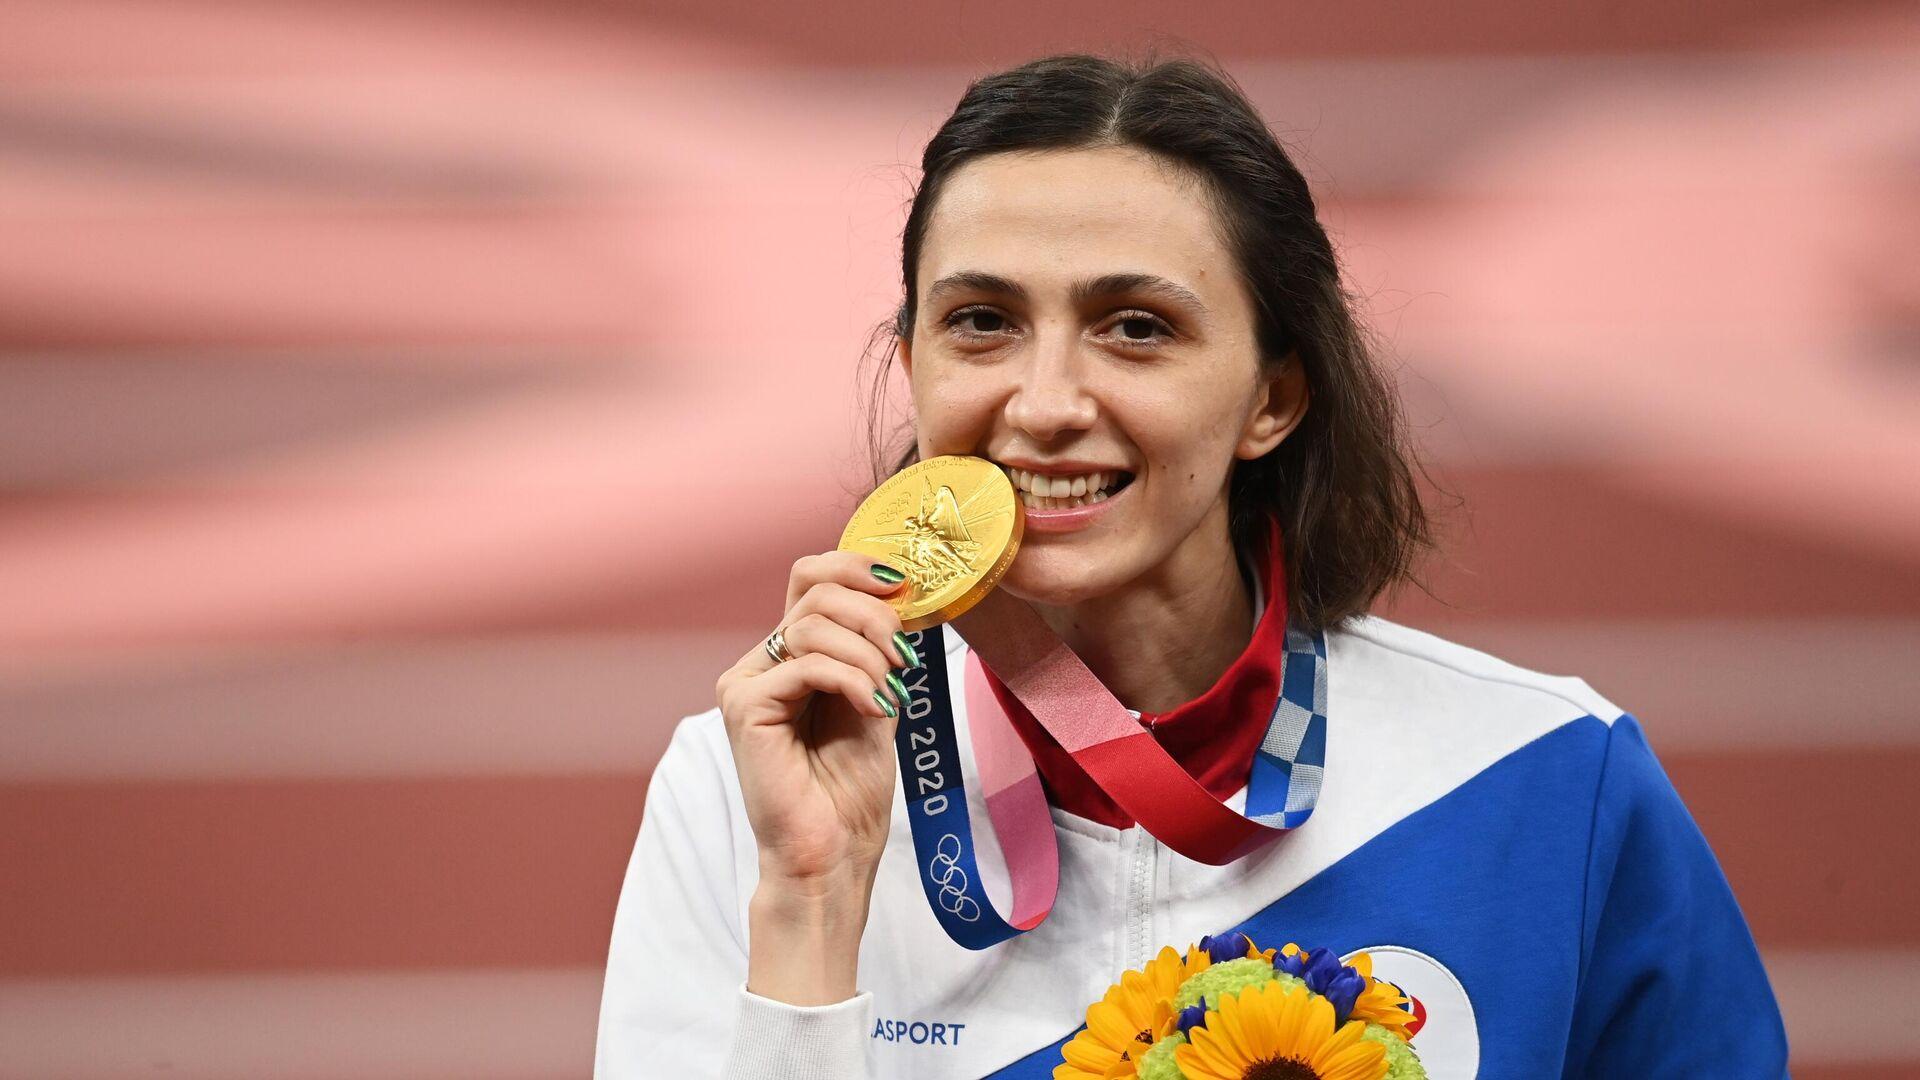 Олимпиада-2020. Прыжки в высоту. Женщины - РИА Новости, 1920, 14.09.2021